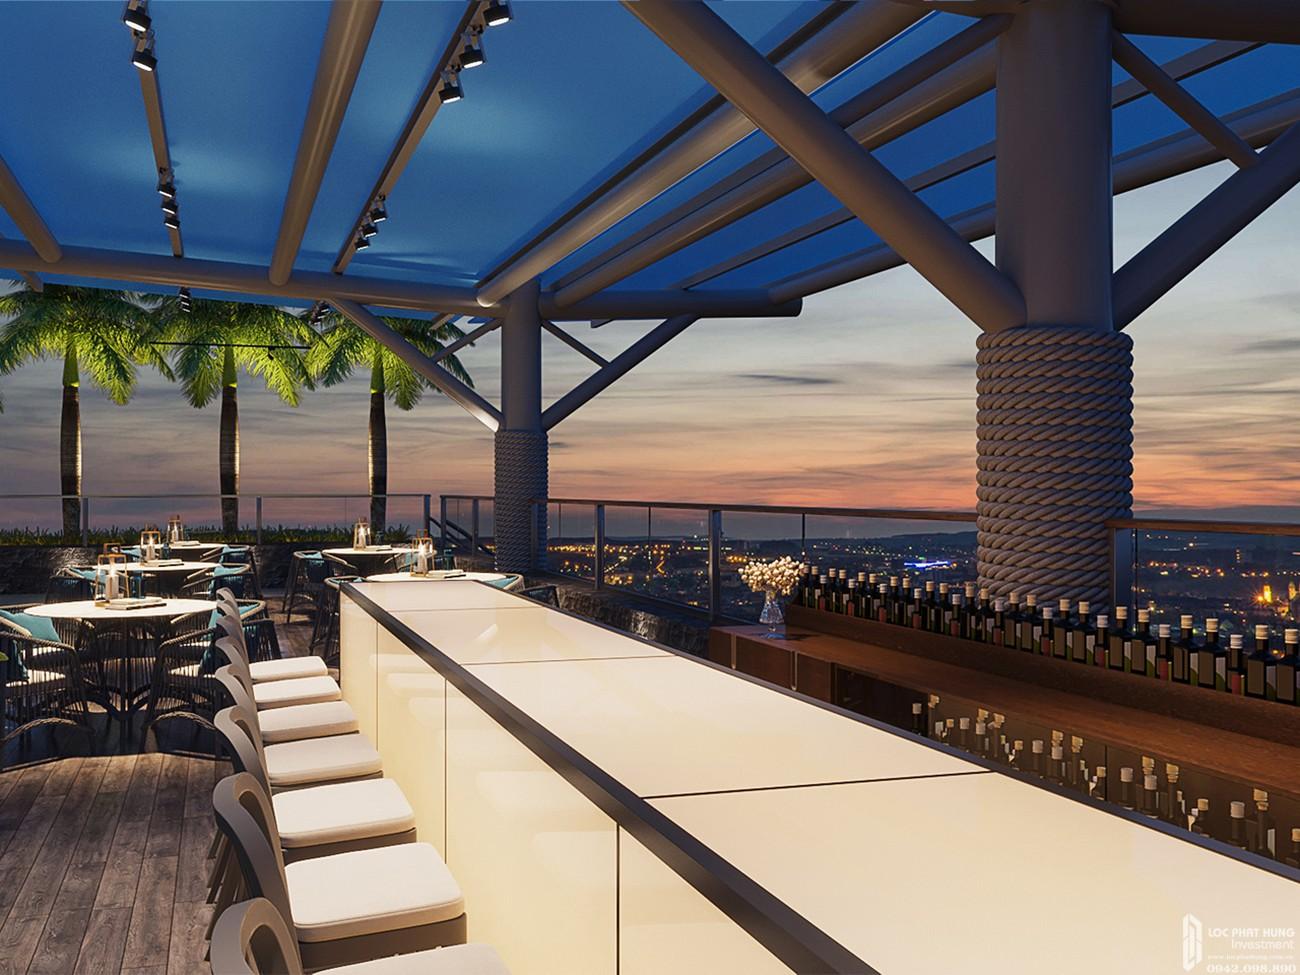 Tiện ích dự án căn hộ Nagomi Sông Hàn Đà Nẵng